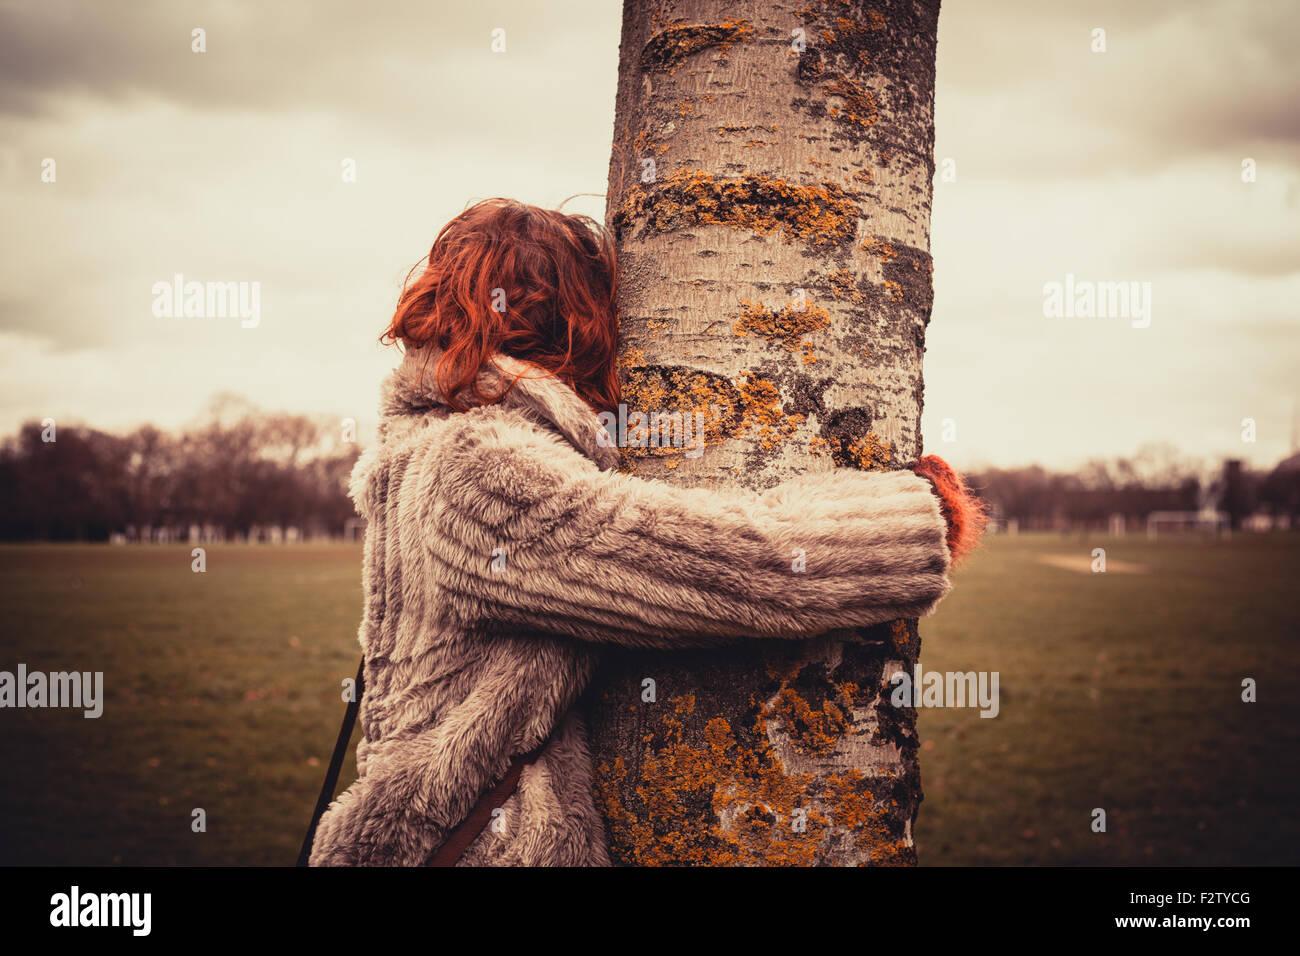 Mujer joven está en el parque en un día de invierno y está abrazando un árbol Imagen De Stock